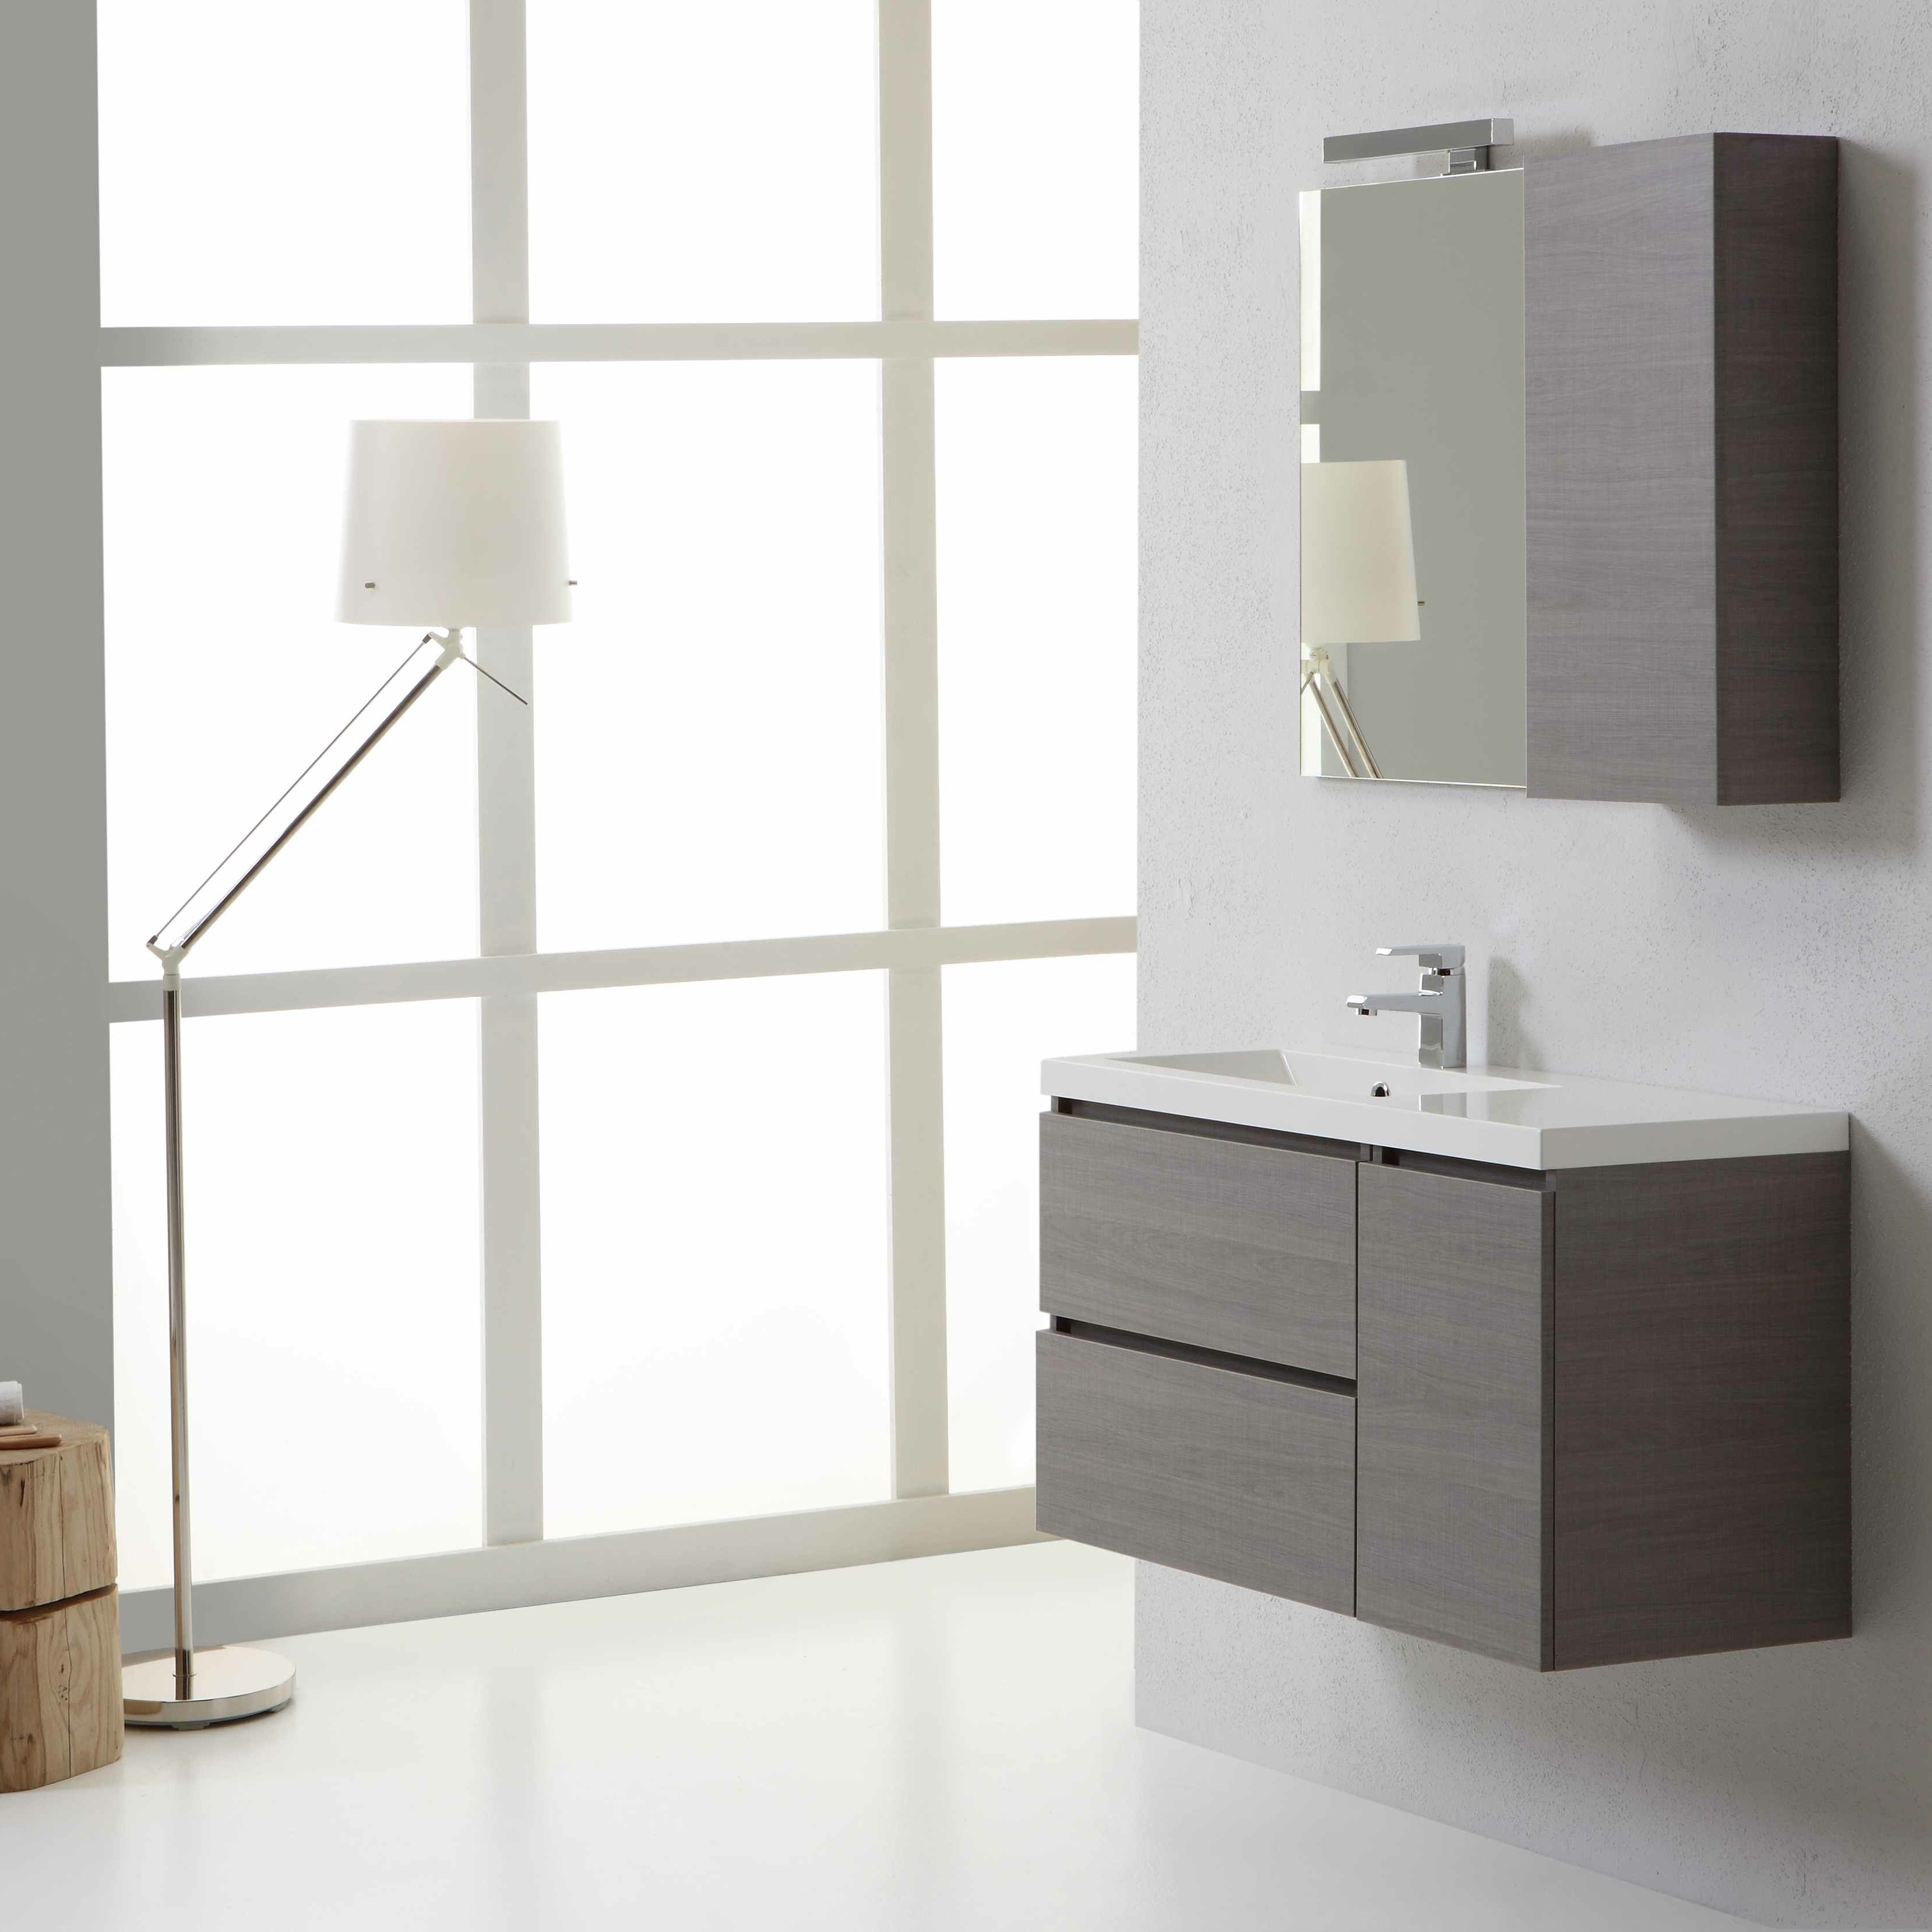 Mobile da bagno finitura grigio moderno disponibile online for Mobile bagno dimensioni